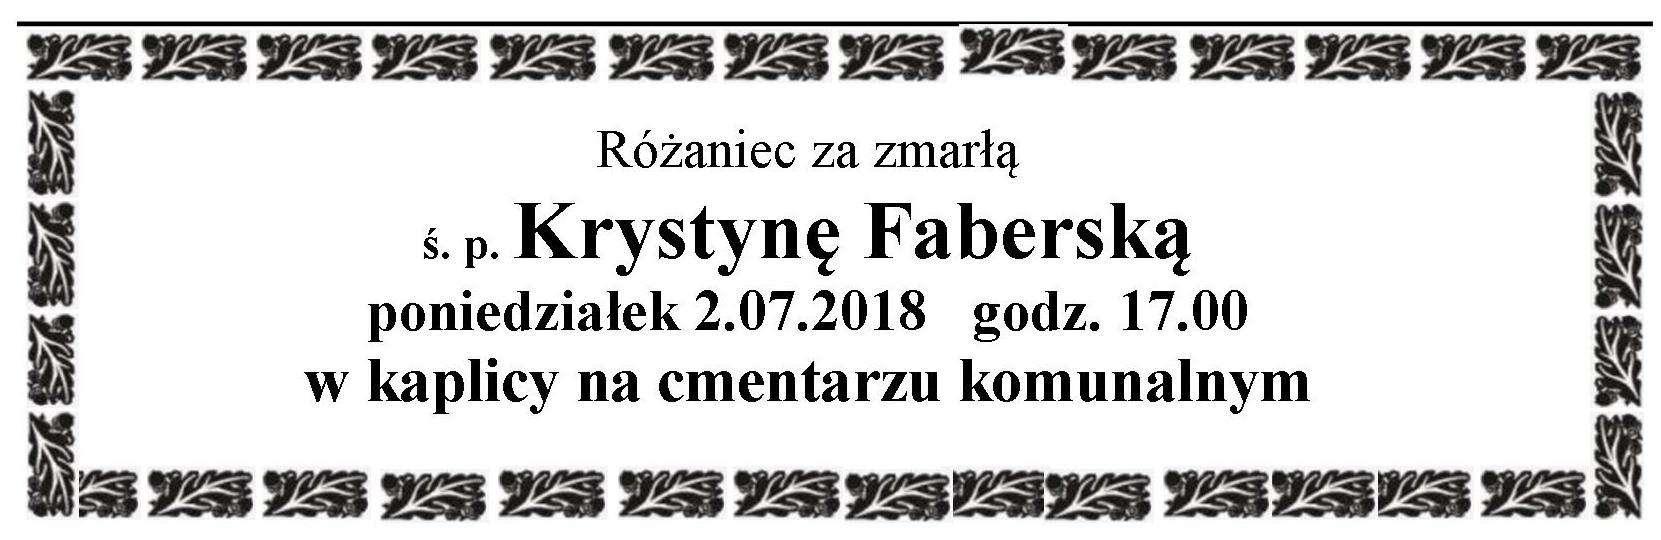 Żyli wśród nas – Krystyna Faberska